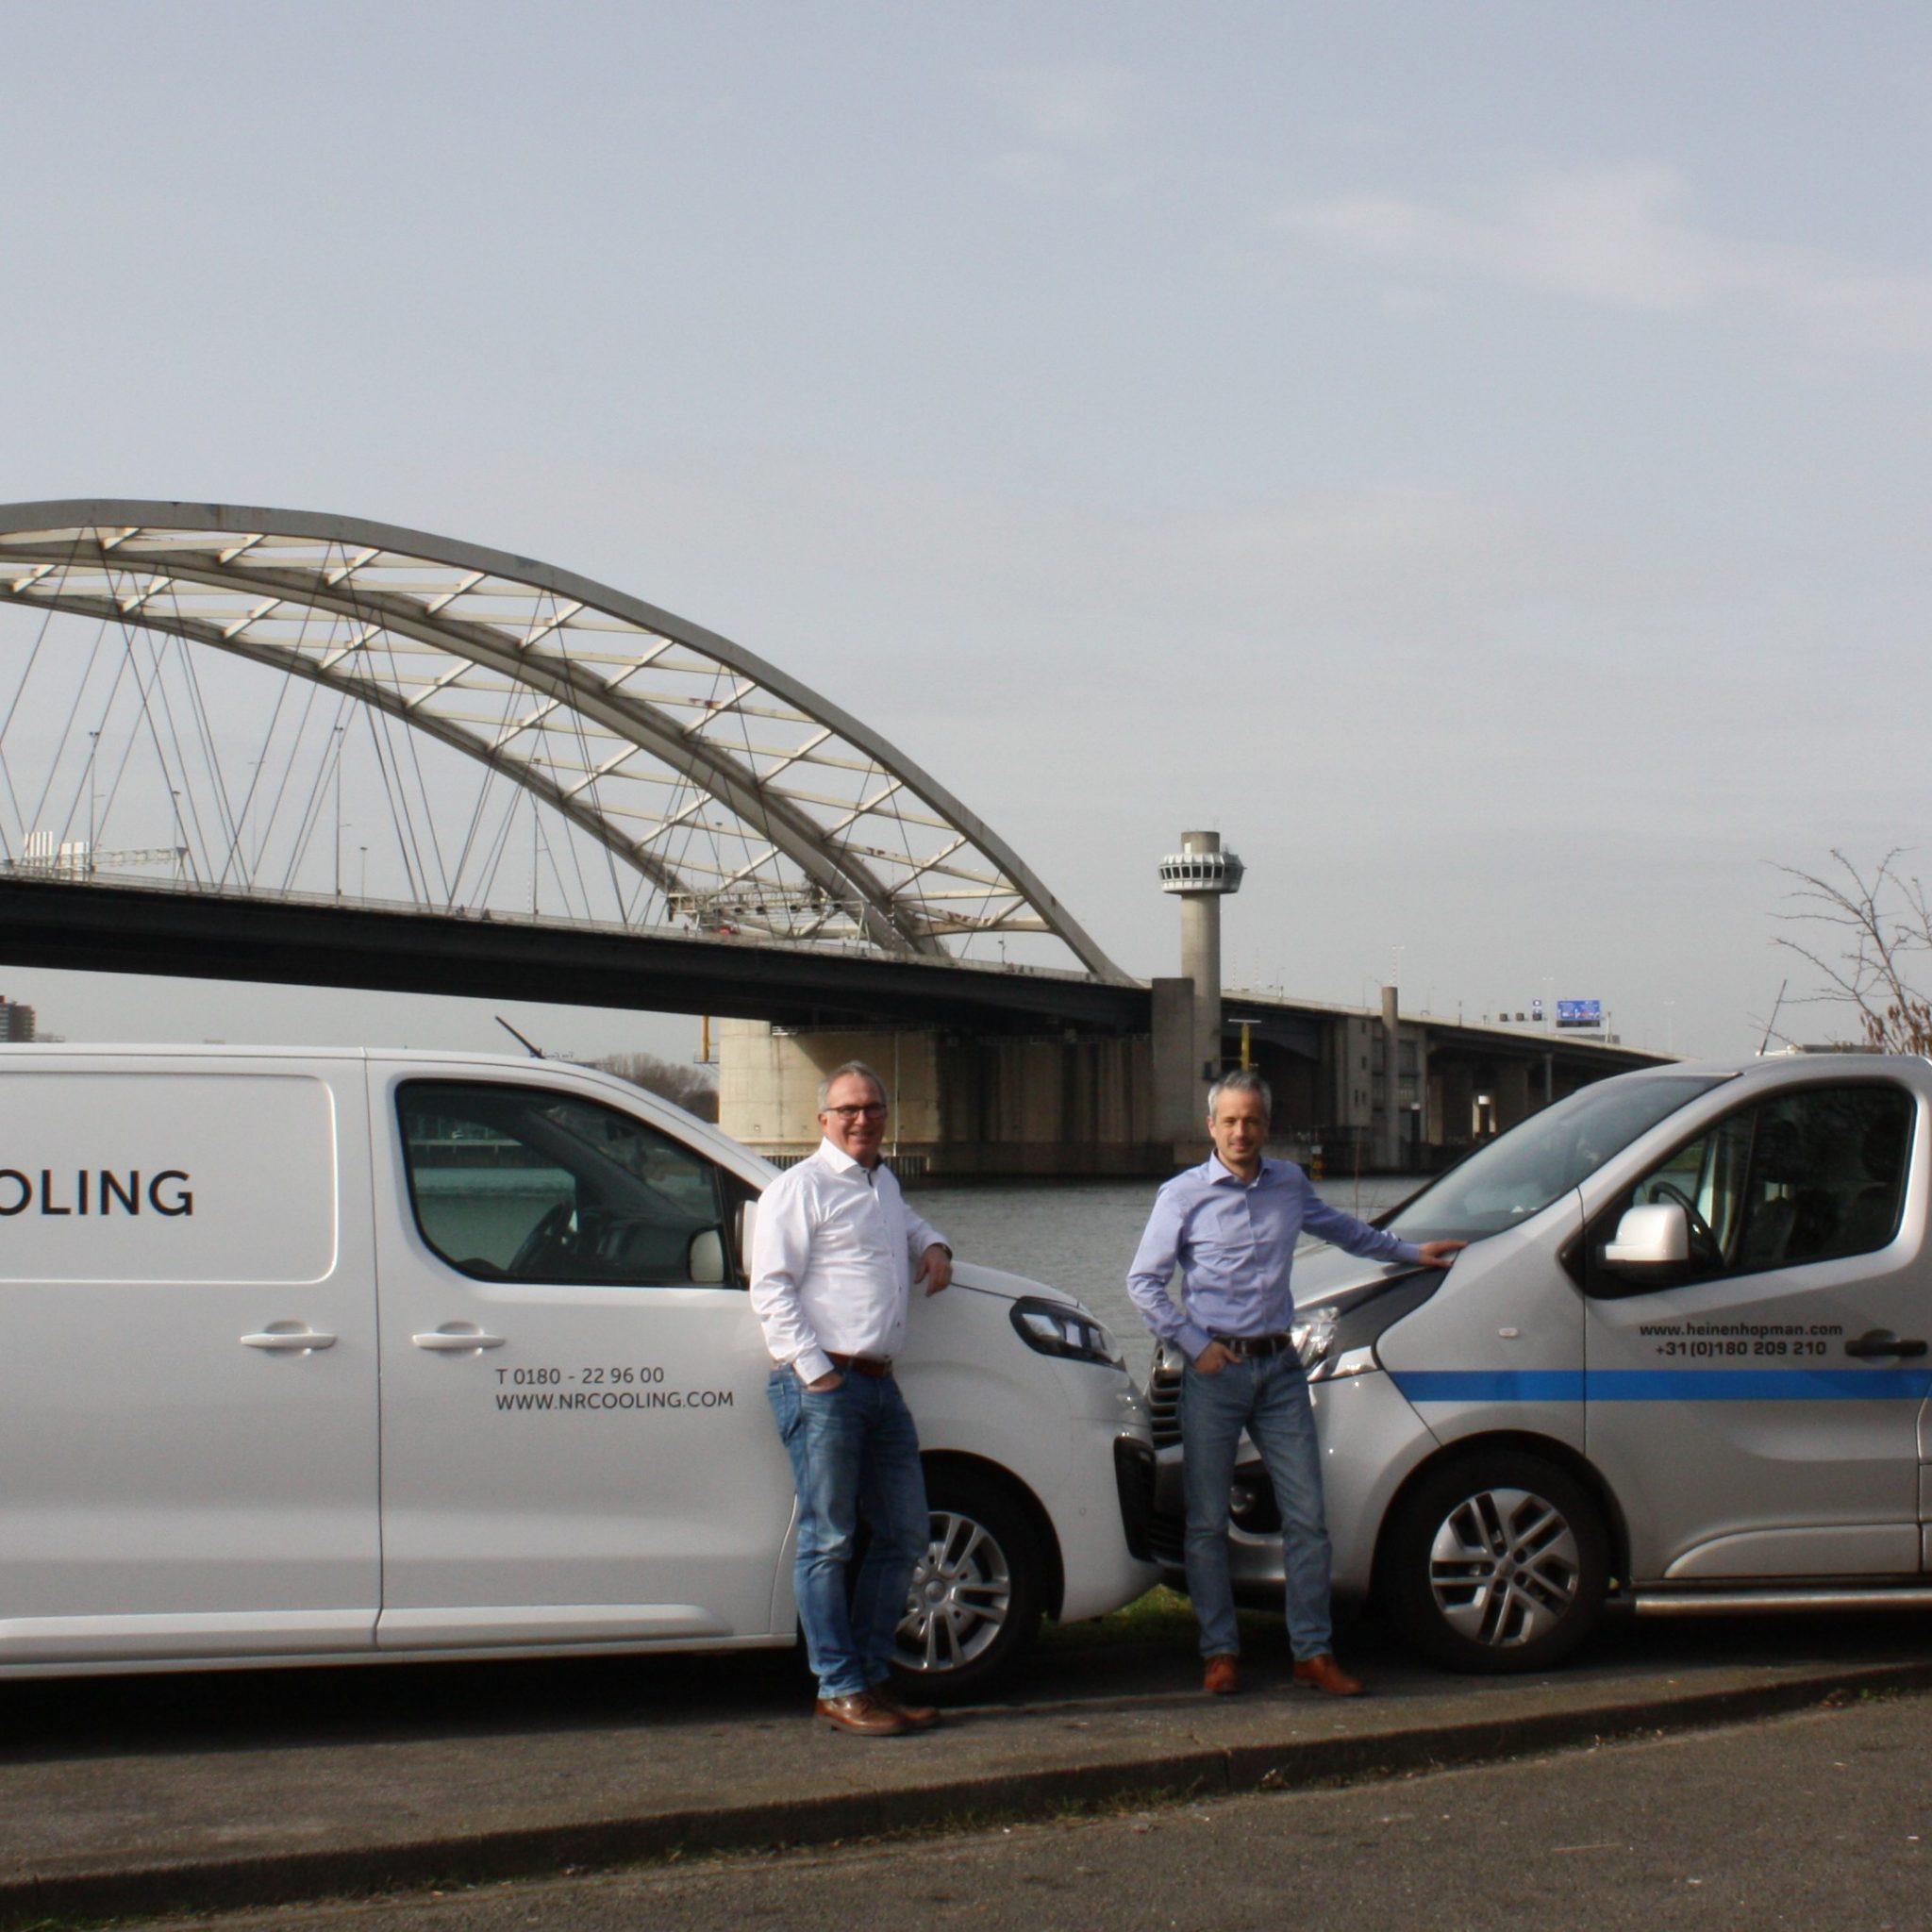 Johan Vermoen en Sander Stadelman. (Foto Heinen & Hopman)